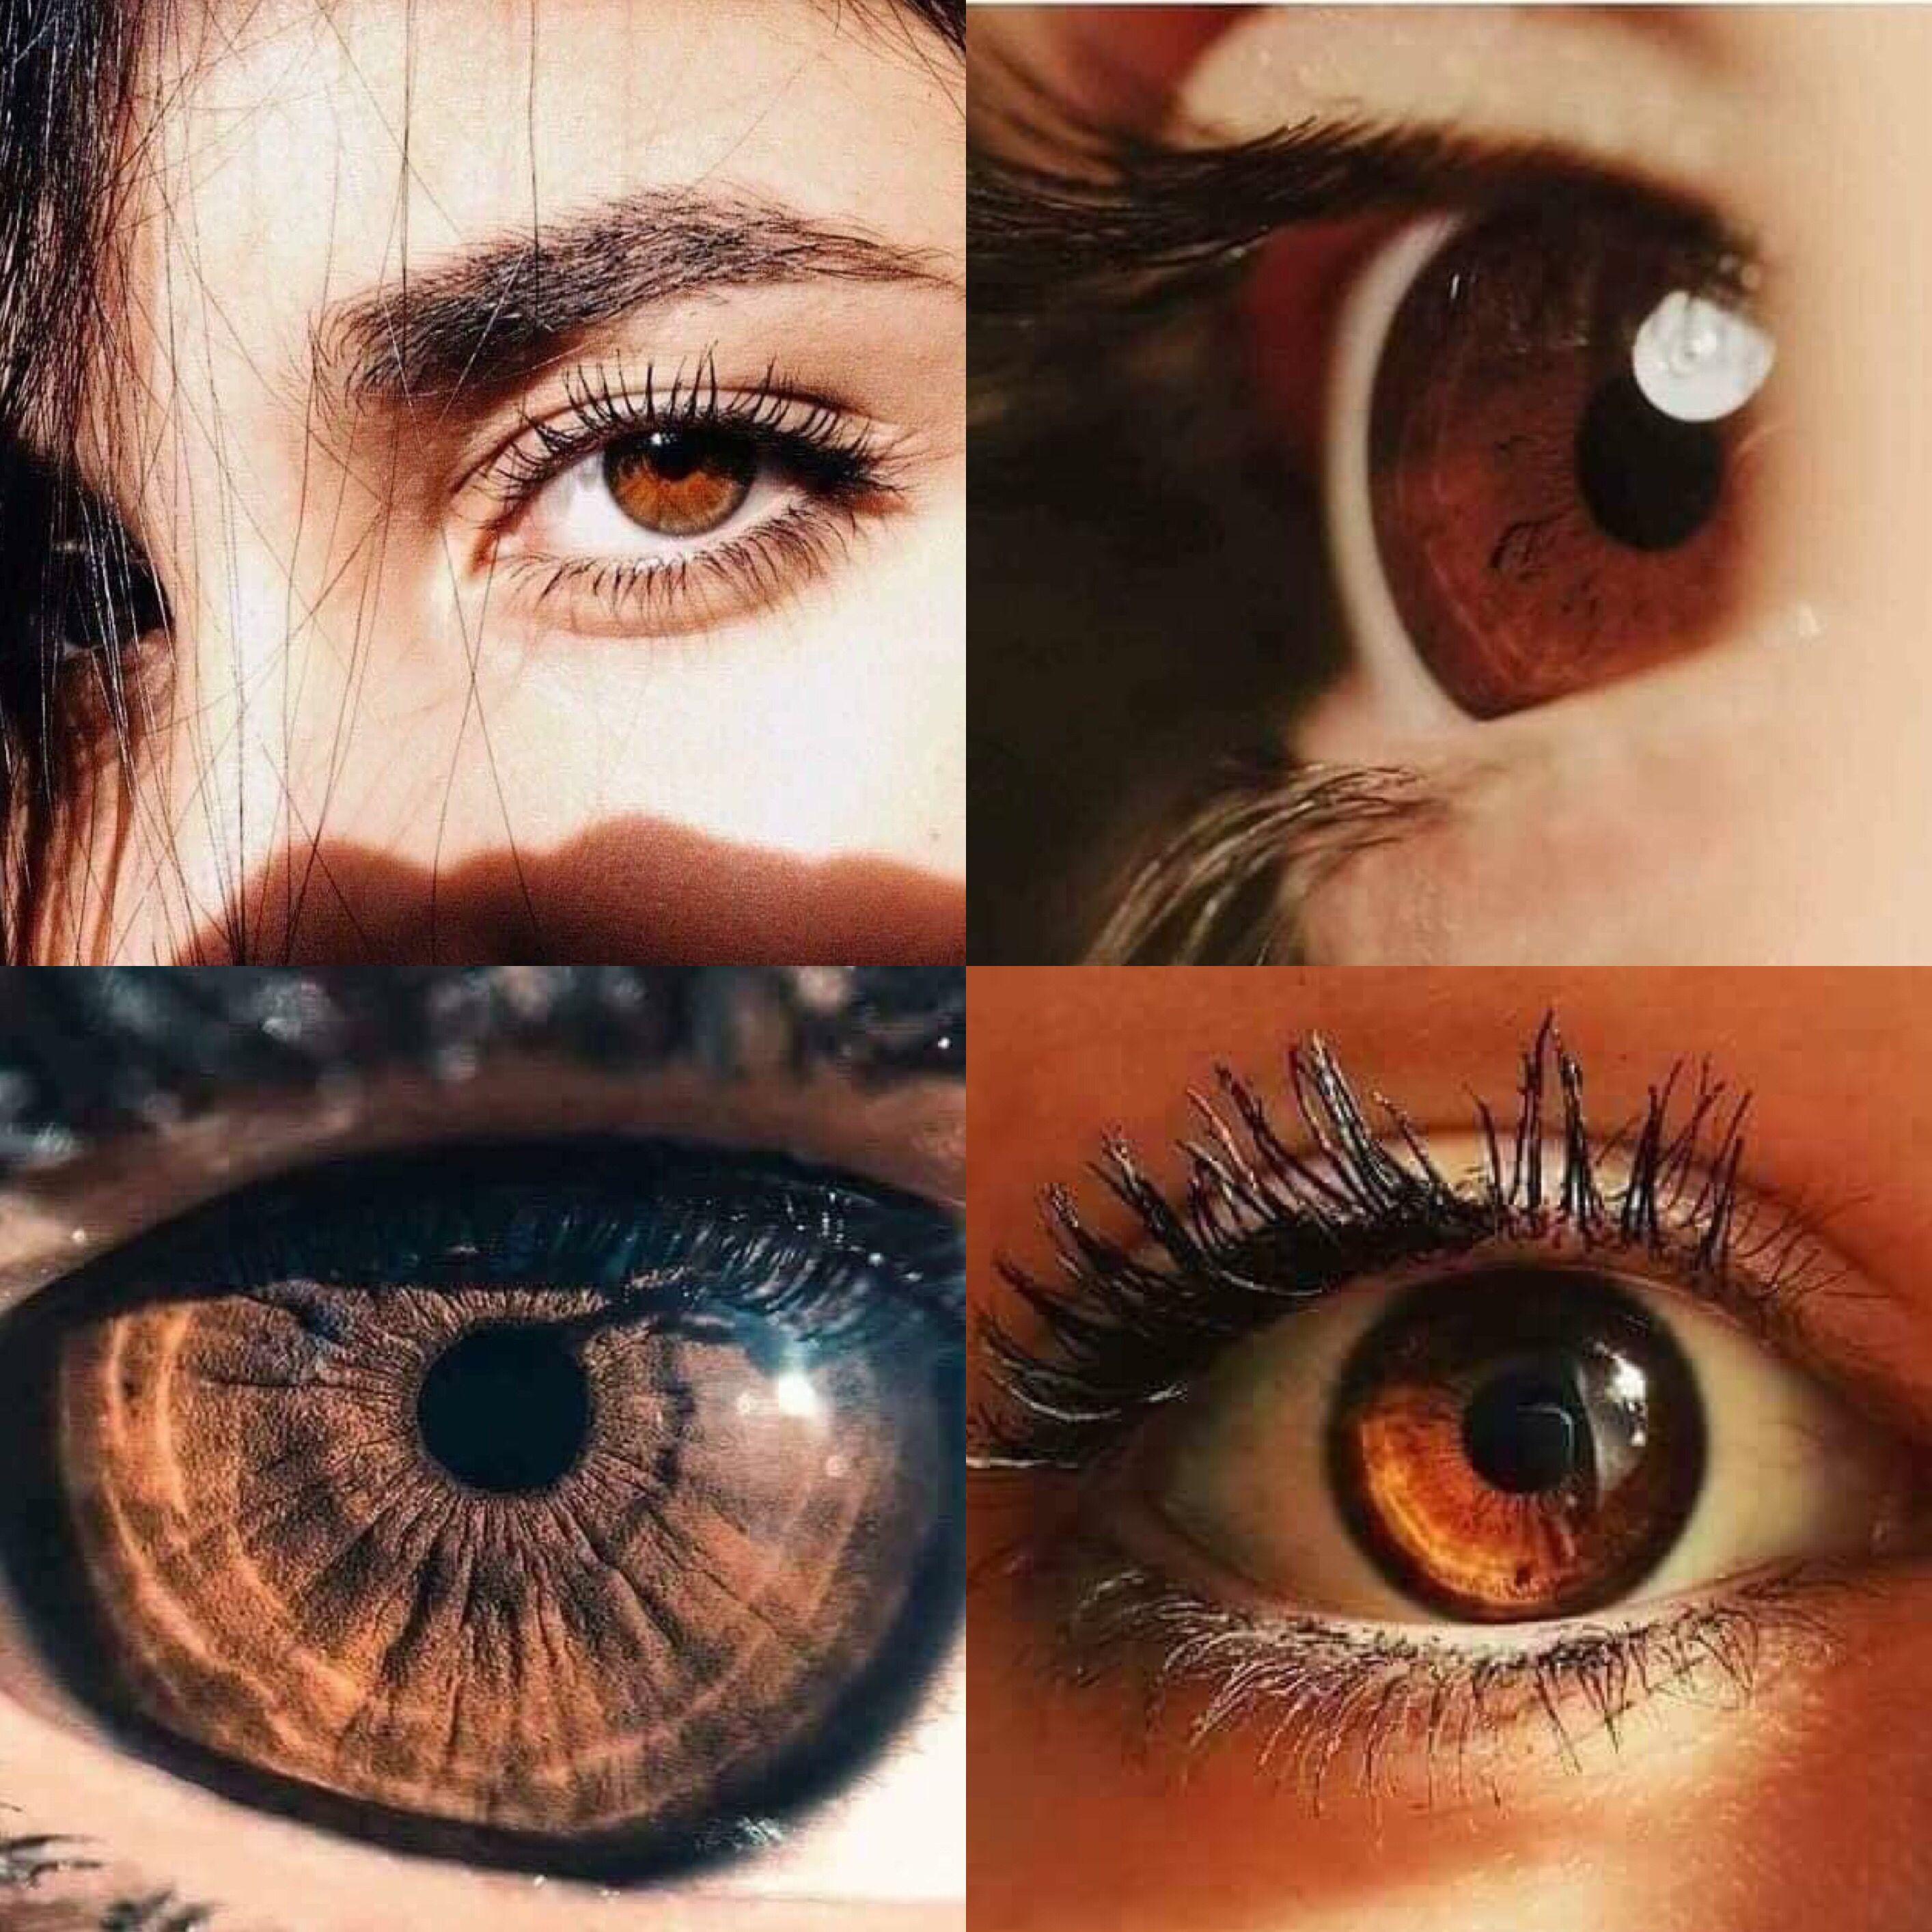 أصحاب العيون الب نية ي صنفون جينيا كأكثر فئة اخلاصا وطيبة في تعاملاتهم مع الآخرين Henna Designs Photo Photography